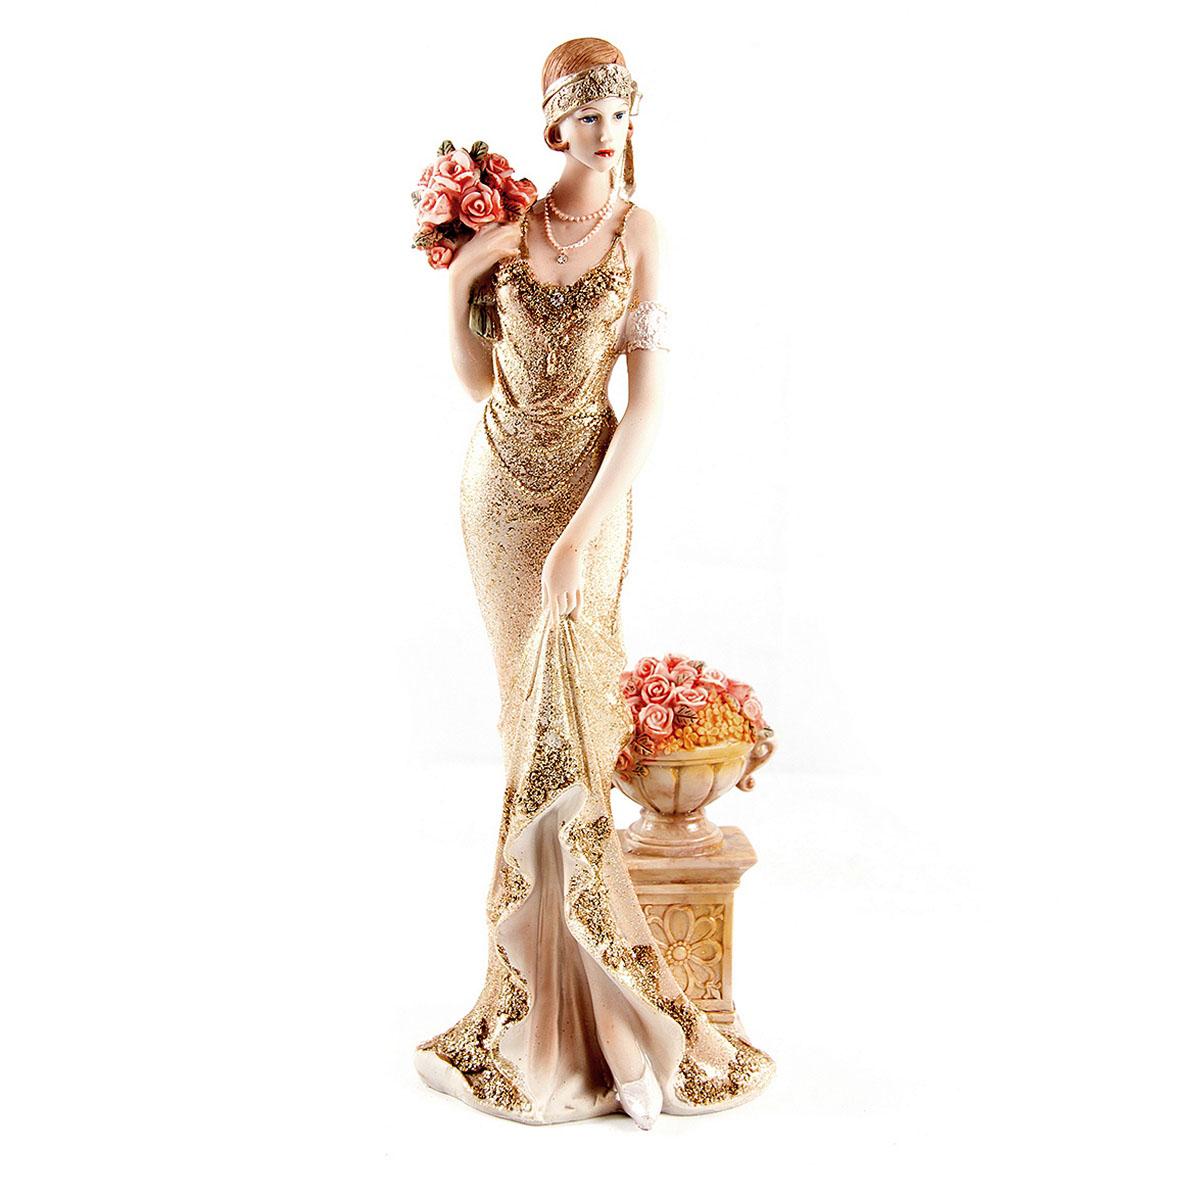 Статуэтка Русские Подарки Мисс Нежность, 13 х 10 х 34 см ваза русские подарки винтаж высота 31 см 123710